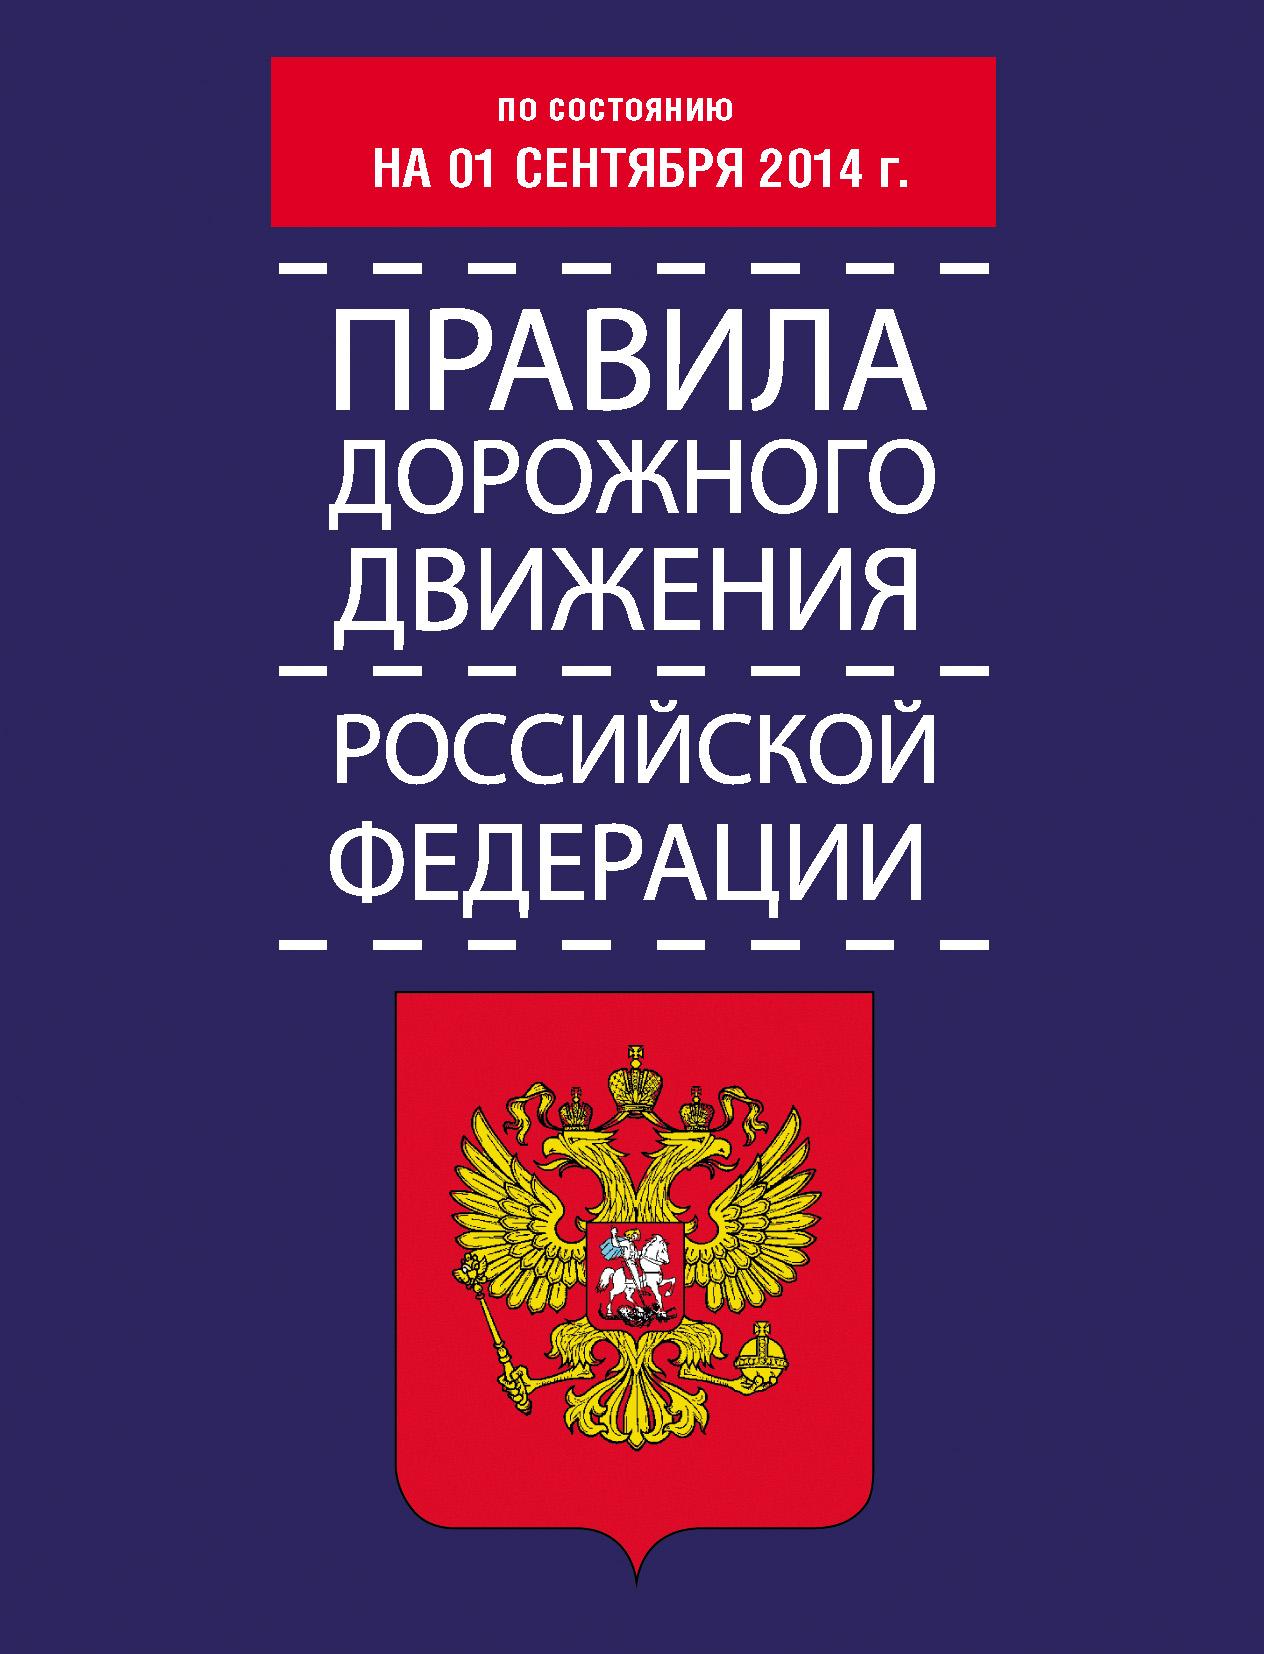 все цены на Отсутствует Правила дорожного движения Российской Федерации по состоянию на 01 сентября 2014 г. онлайн